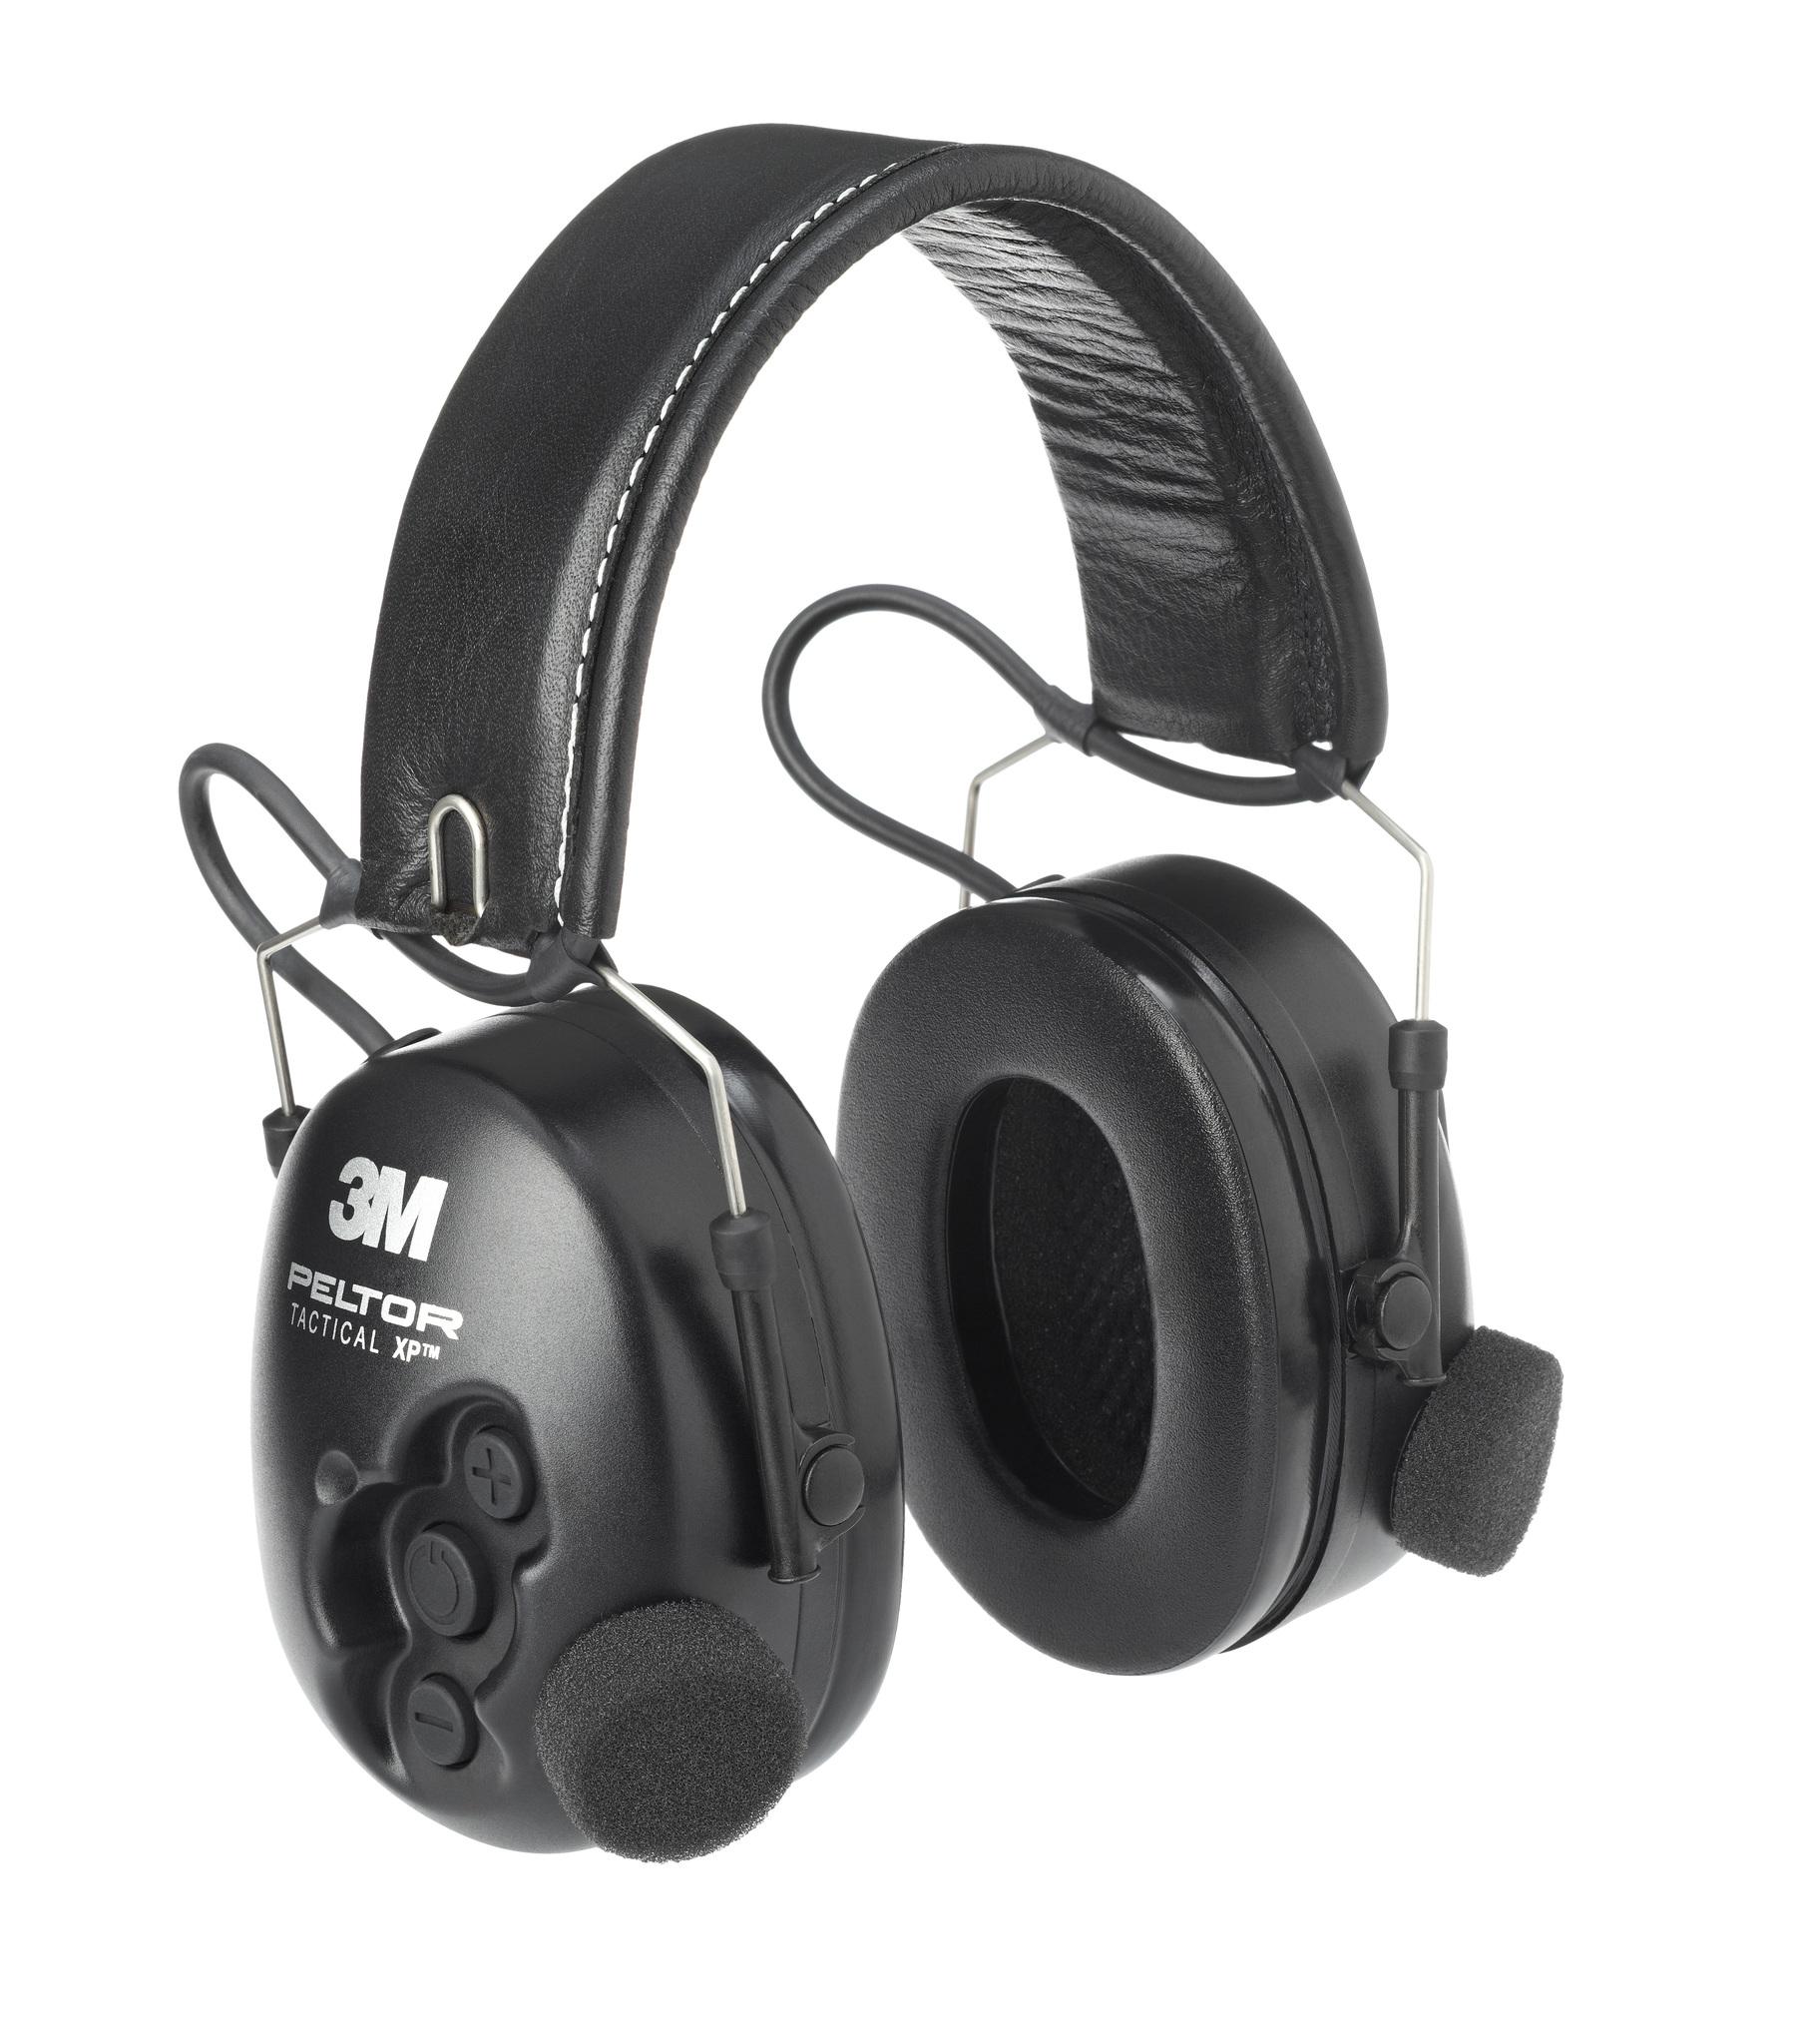 Активные наушники Tactical XP, без микрофона, складное оголовье, чёрные чашки